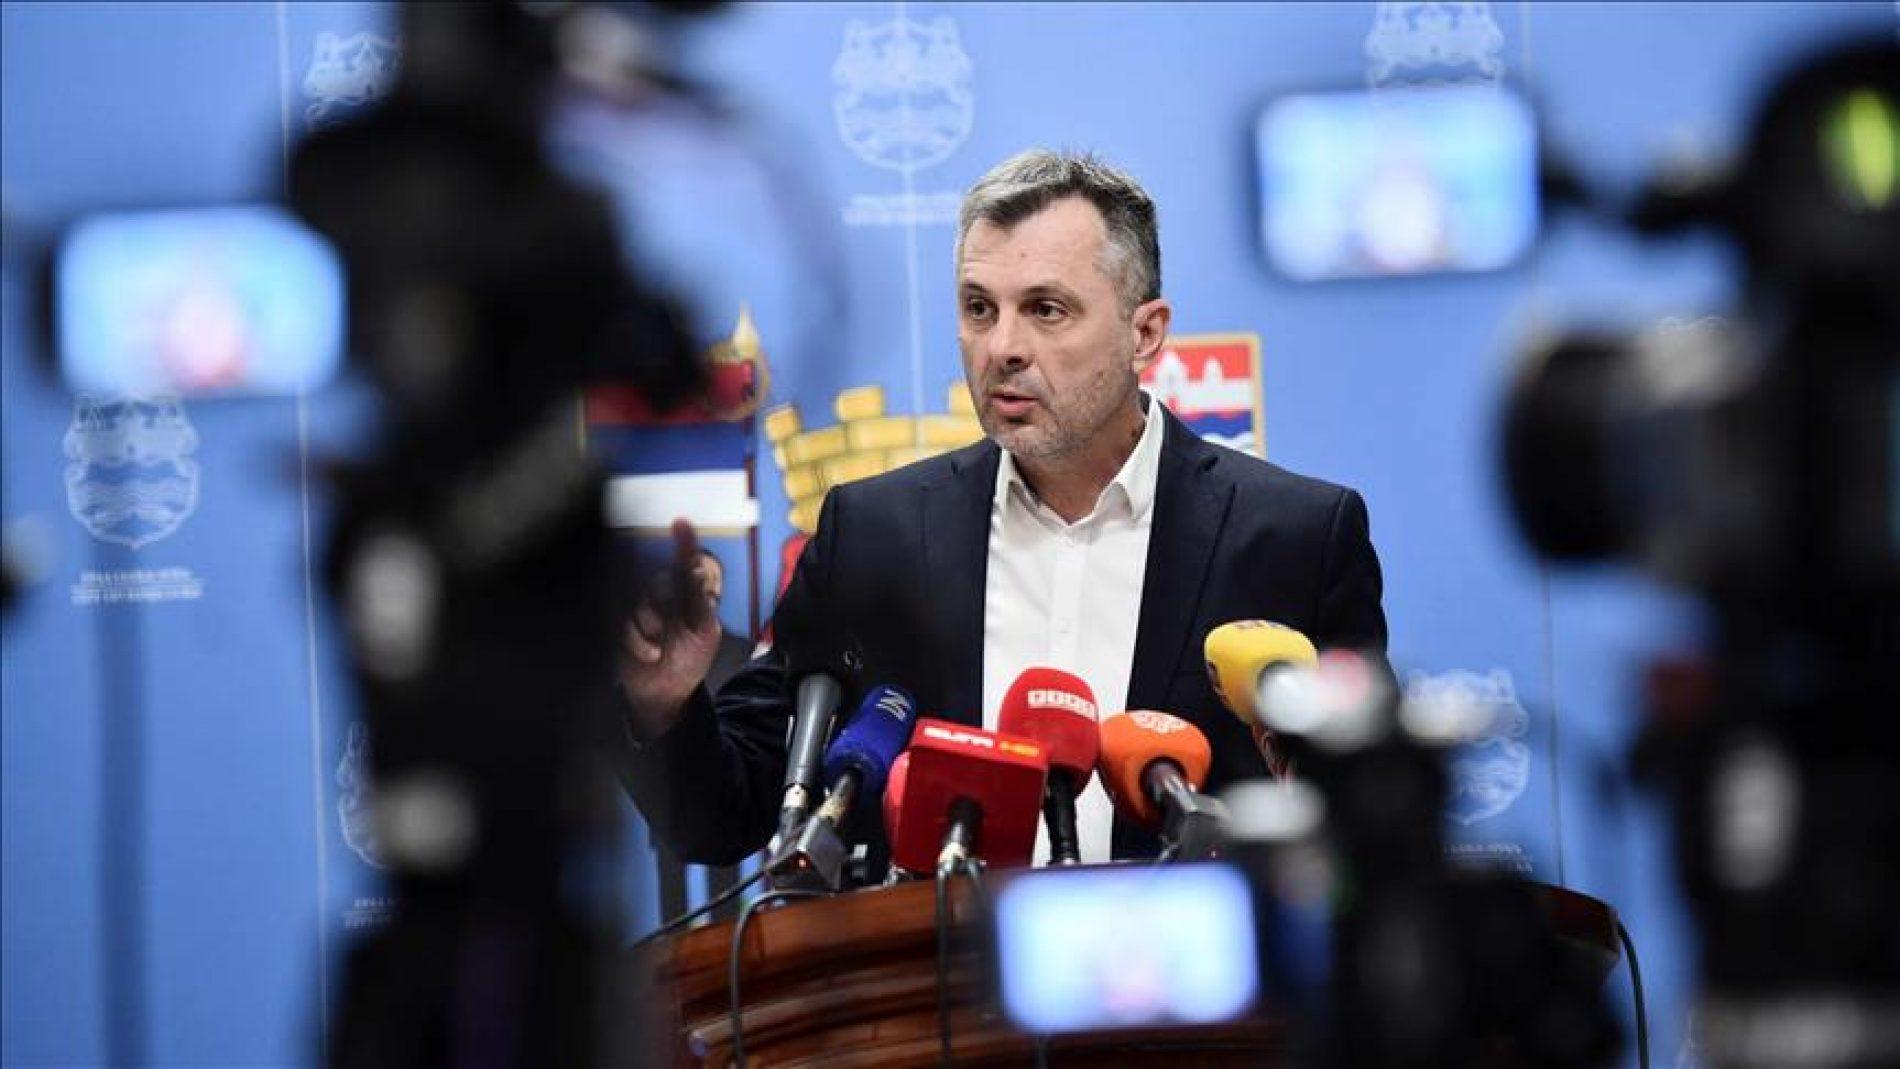 Nema novogodišnjih koncerata u Banjaluci, policija traga za organizatorima demonstracija